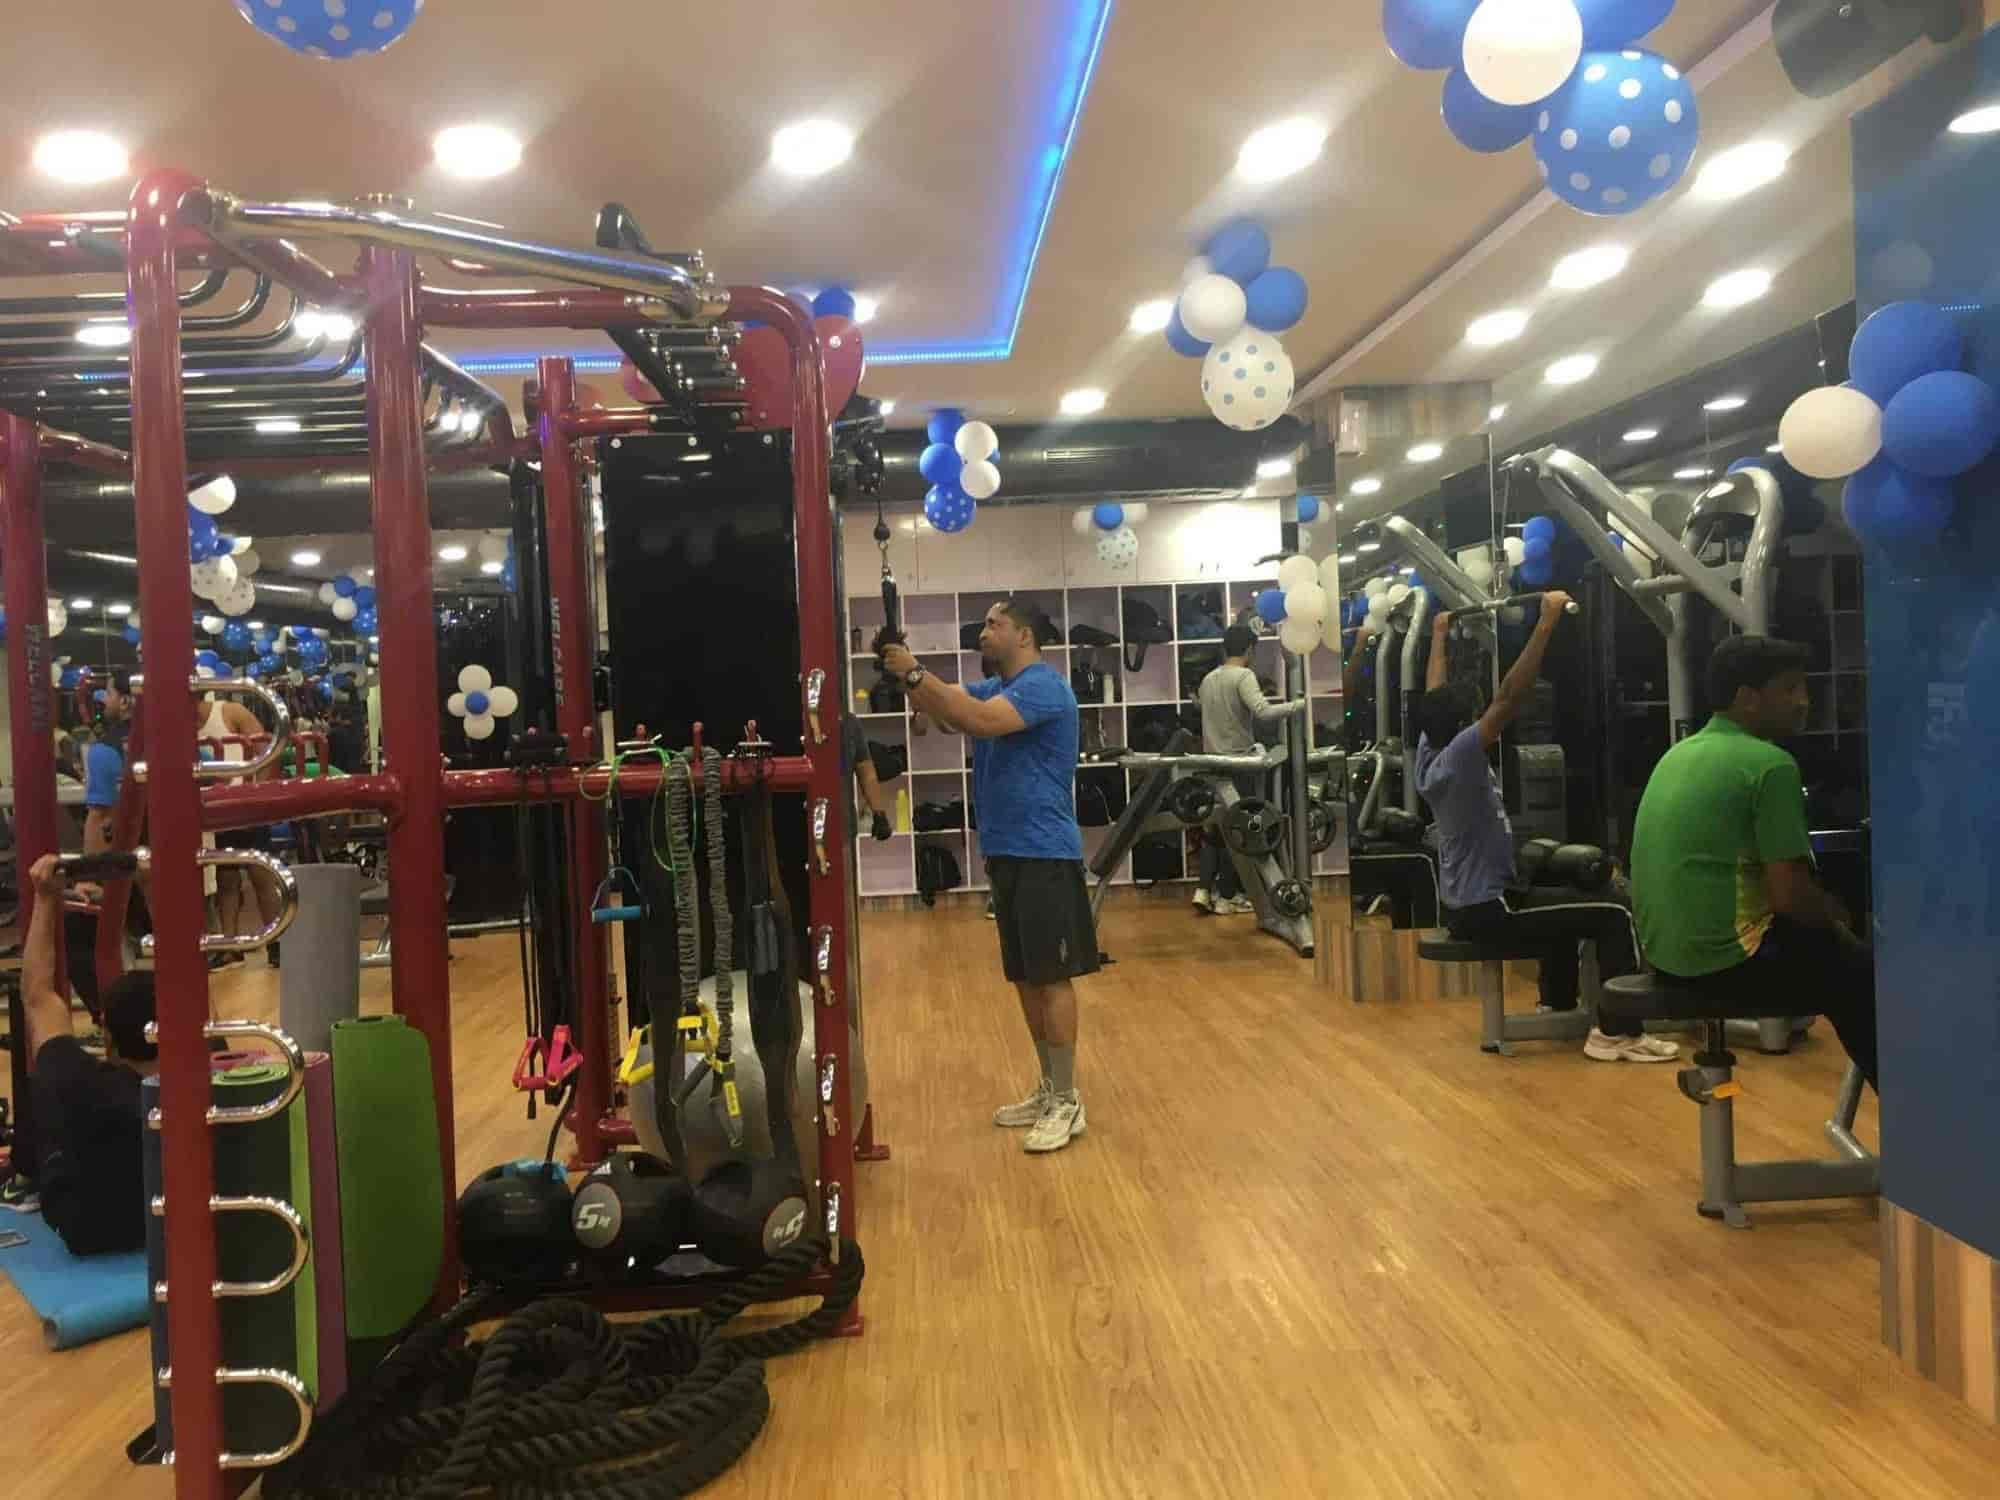 slimming center btm layout)